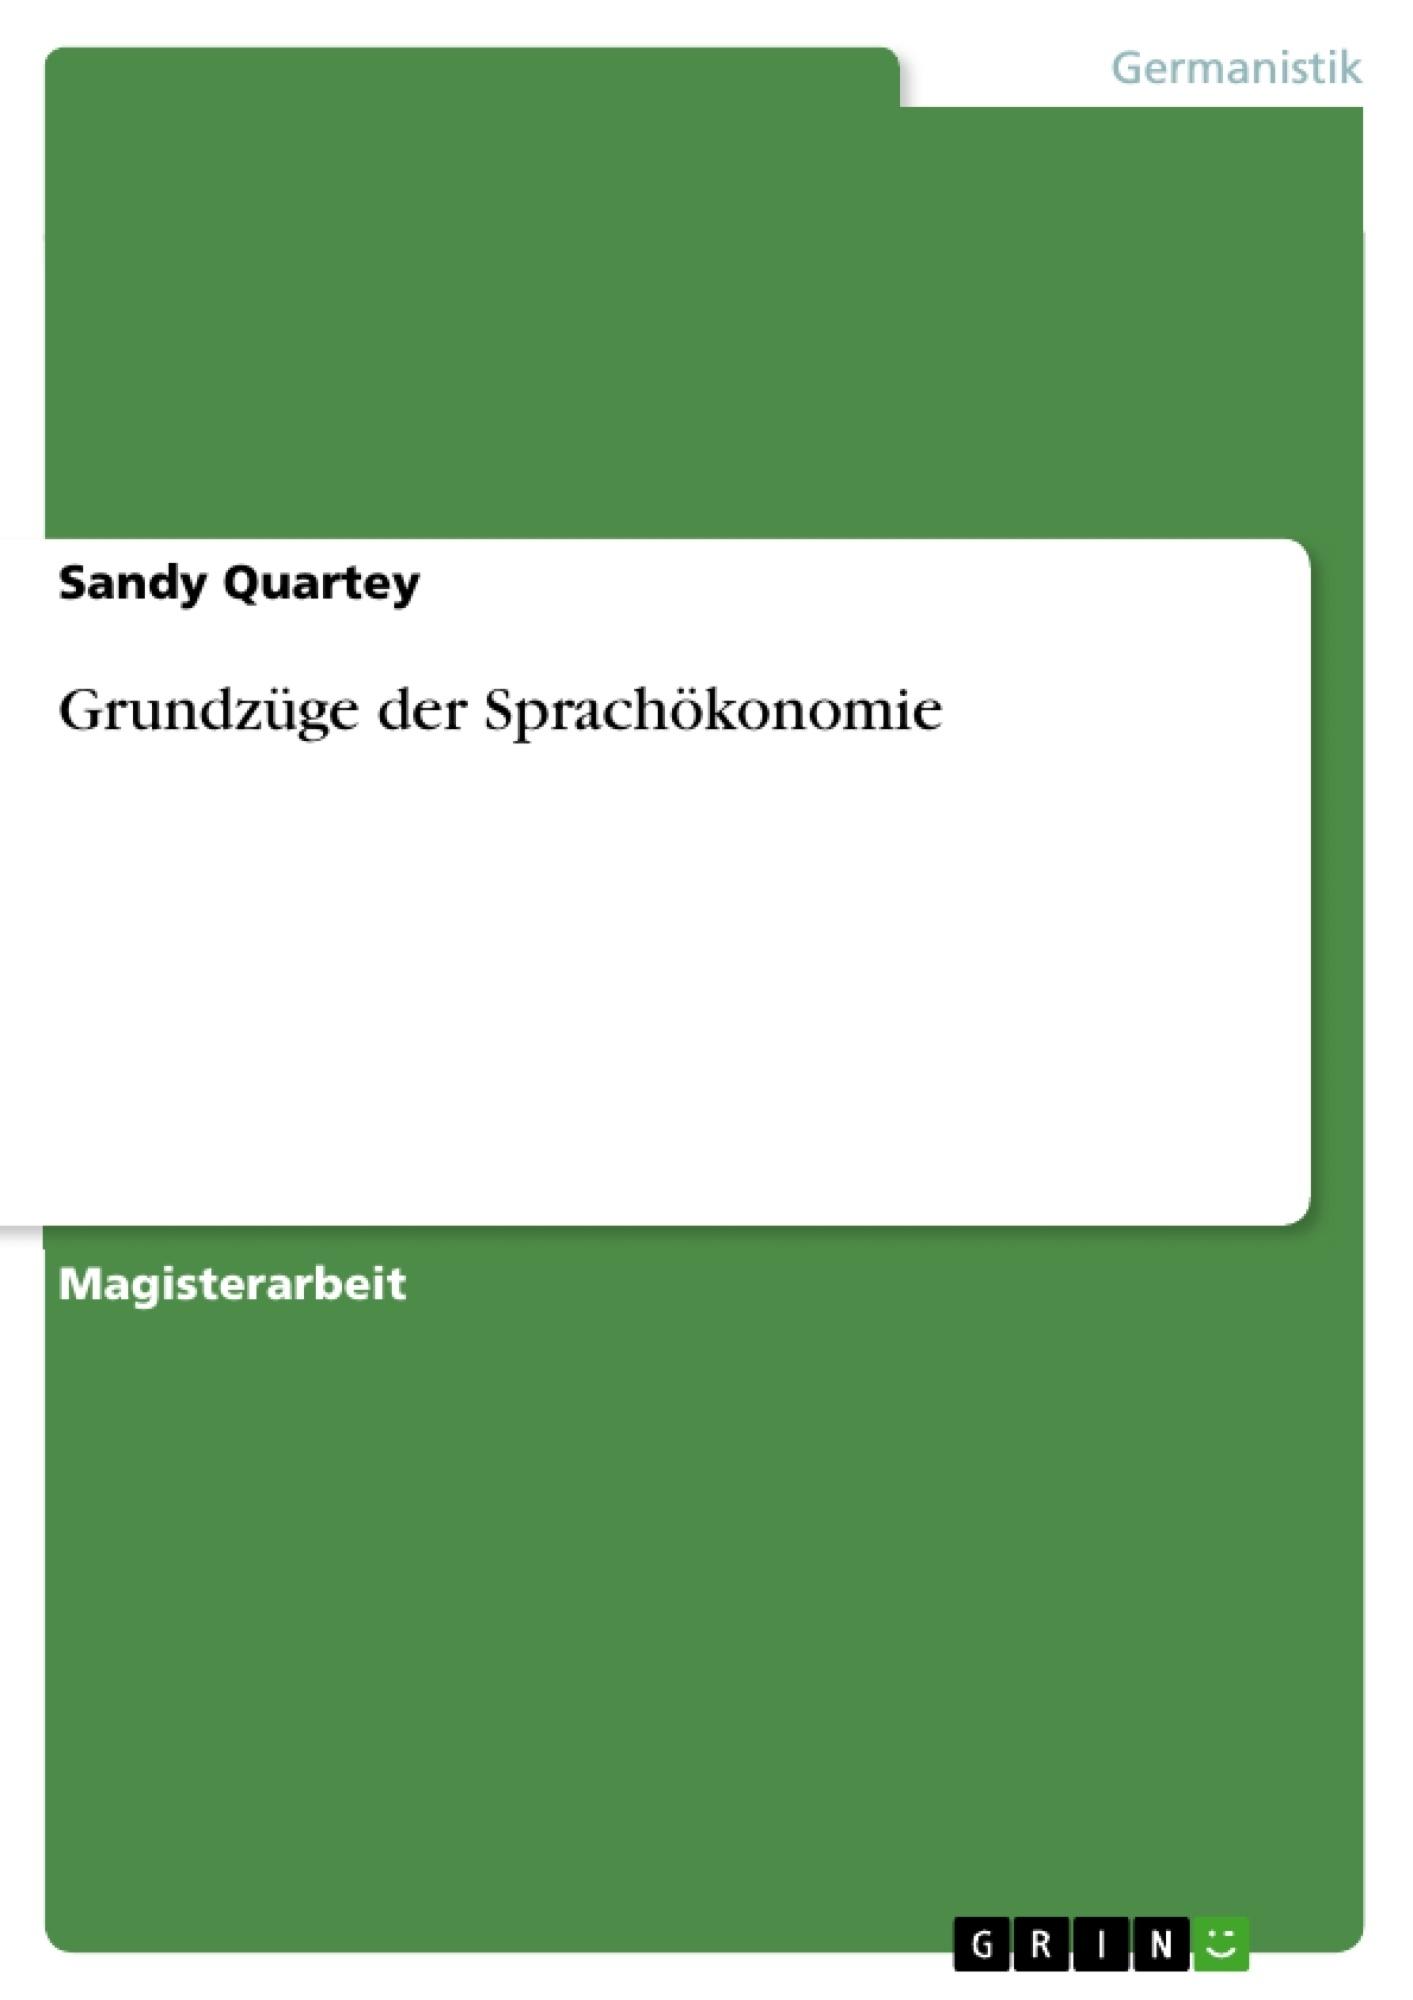 Titel: Grundzüge der Sprachökonomie